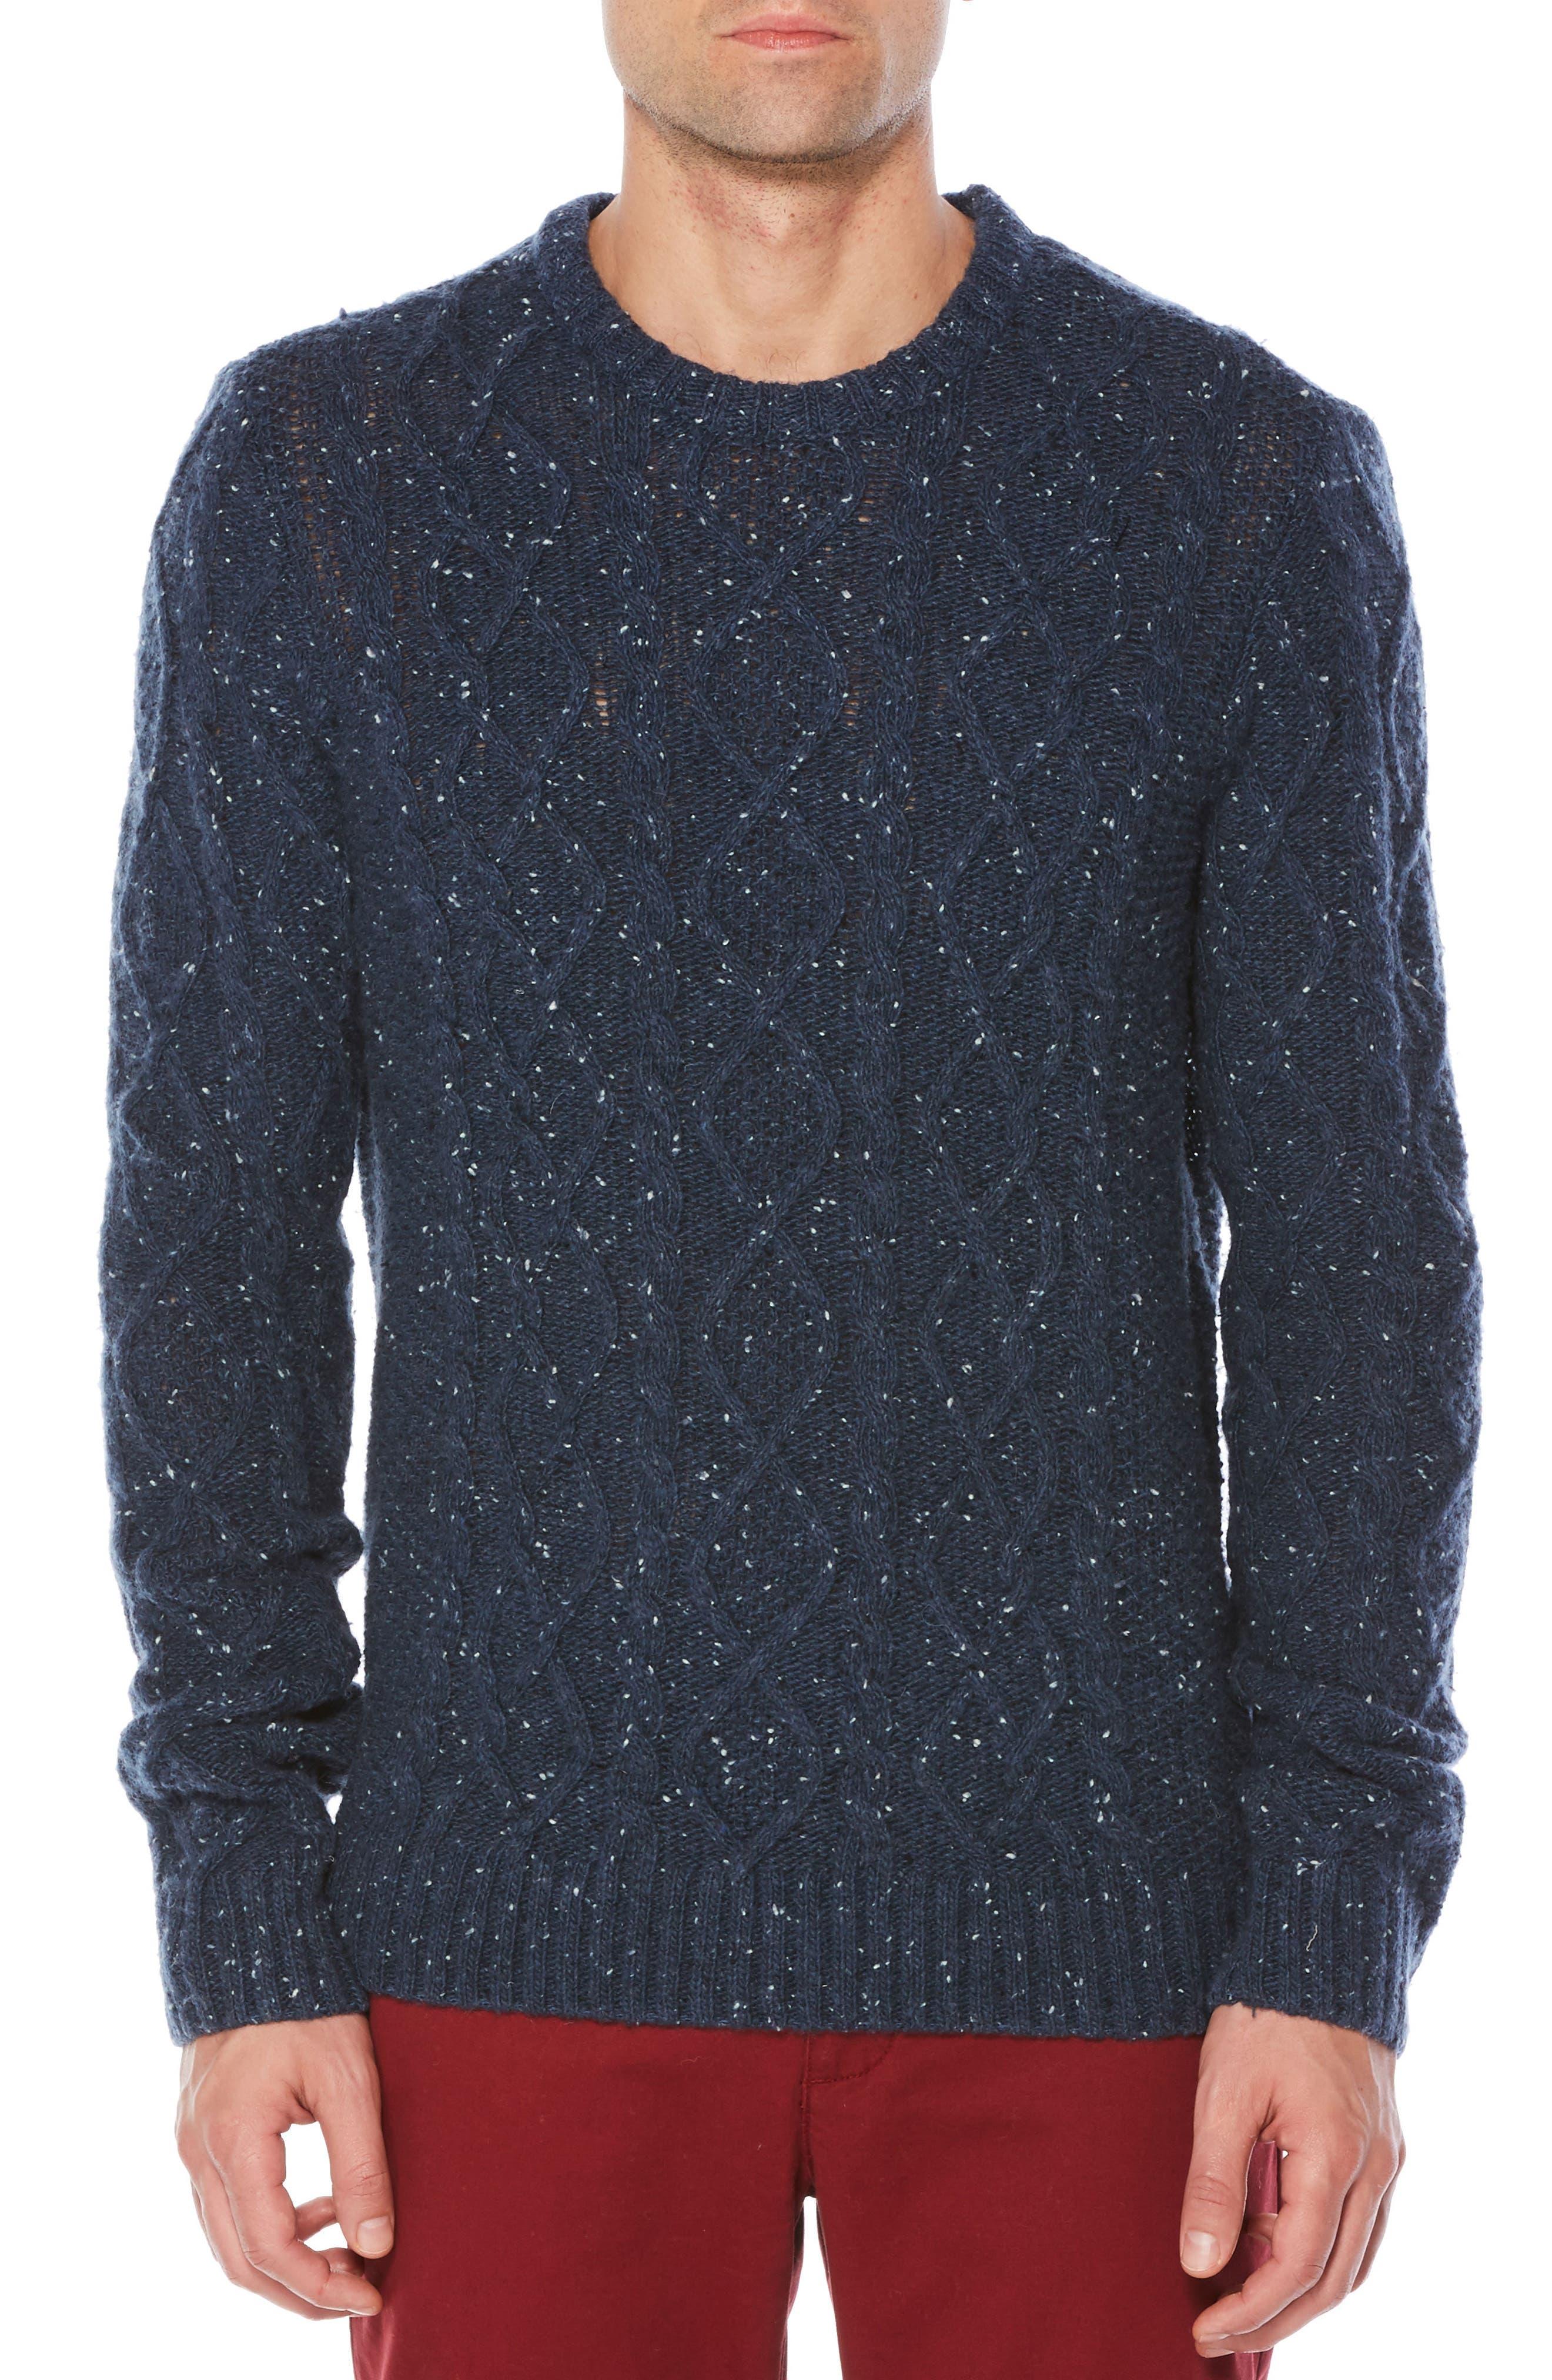 Main Image - Original Penguin Fisherman Sweater